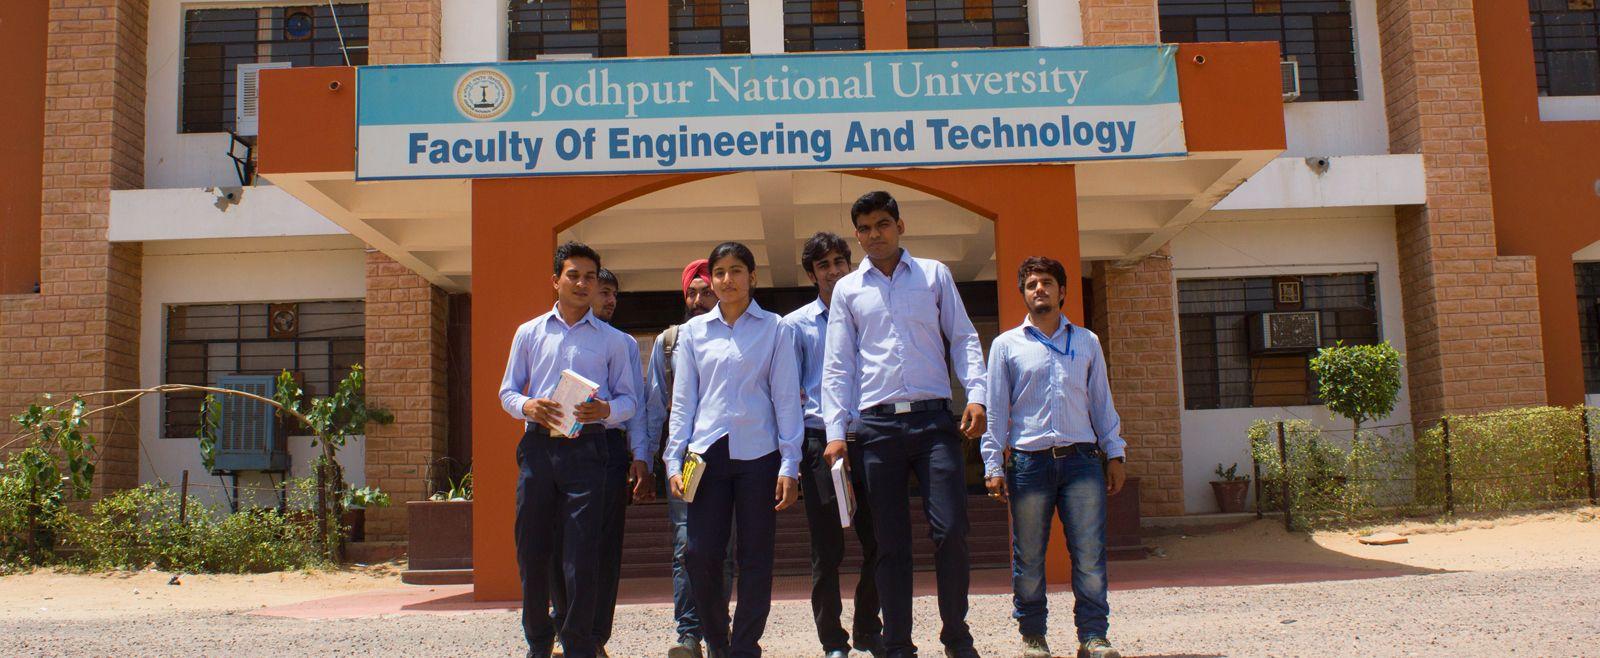 Jodhpur National University Jodhpur National University Jodhpur